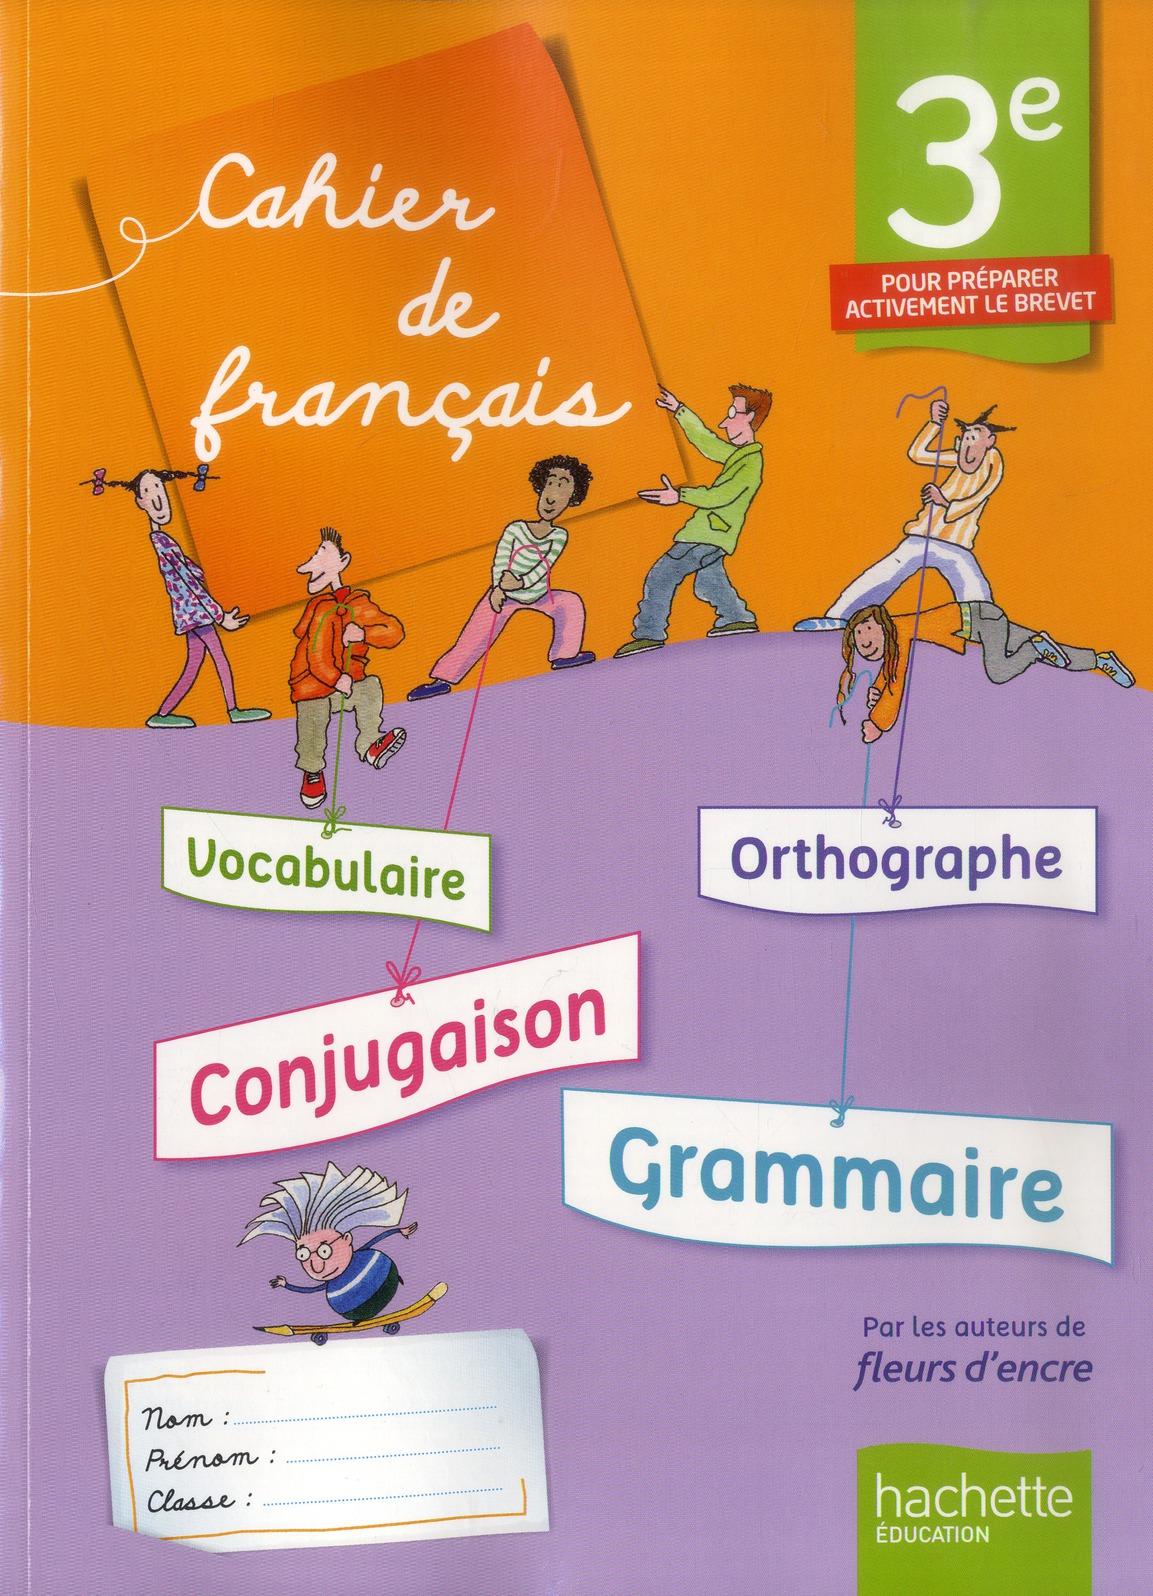 Francais 3eme Cahier De L Eleve C Bertagna F Carrier Hachette Education Grand Format Librairie De L Etoile Cavaillon